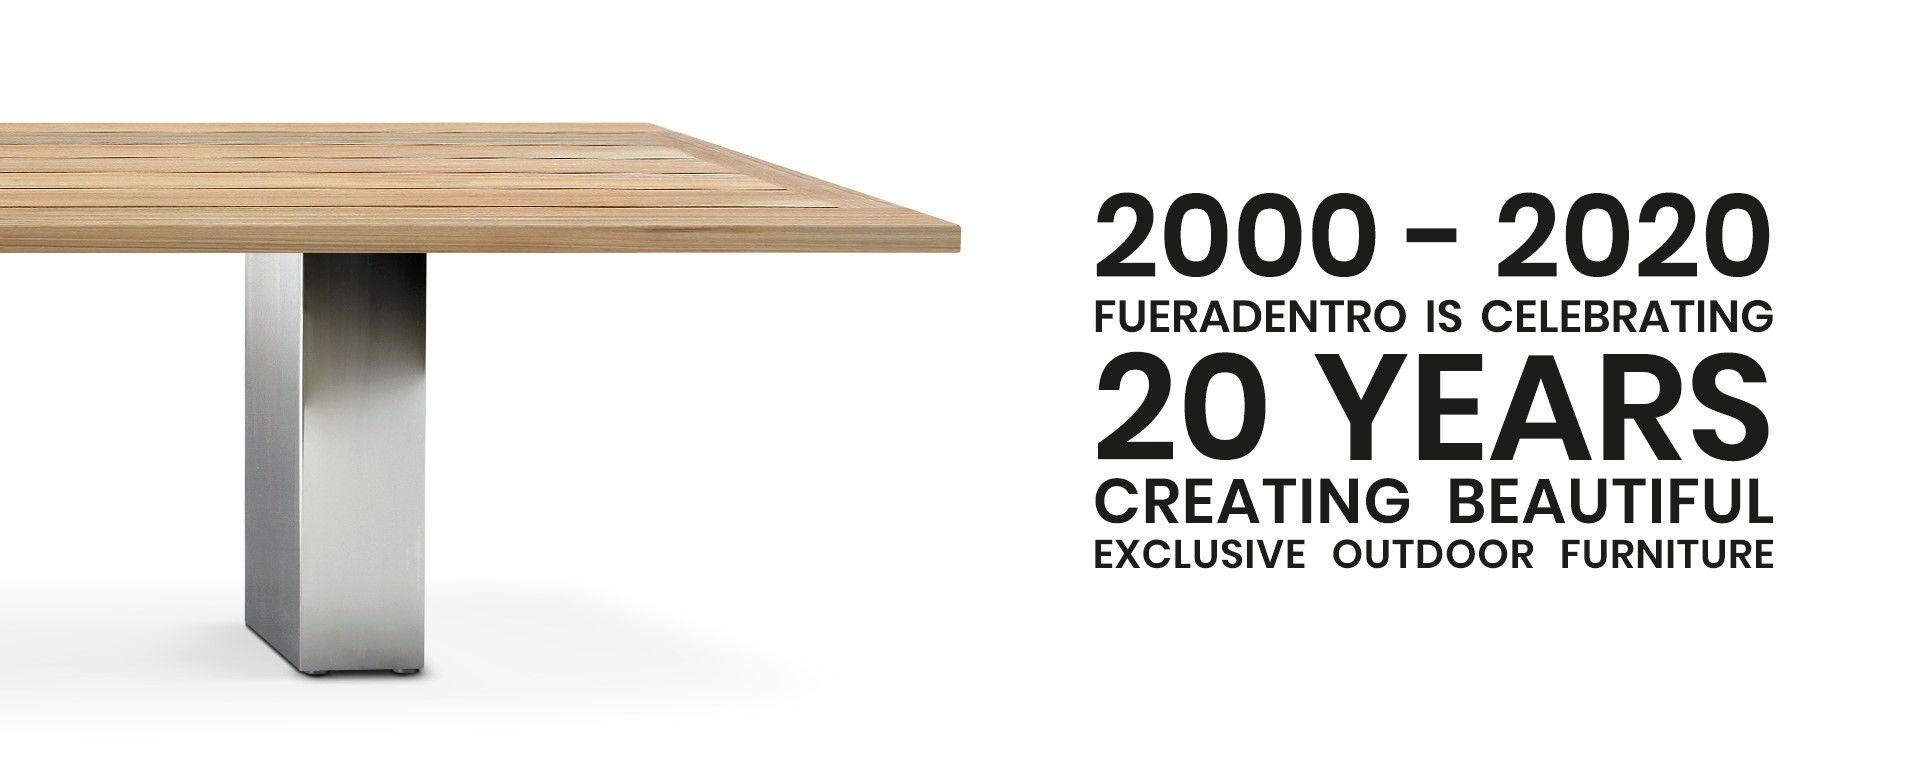 Fueradentro Outdoor Design Furniture